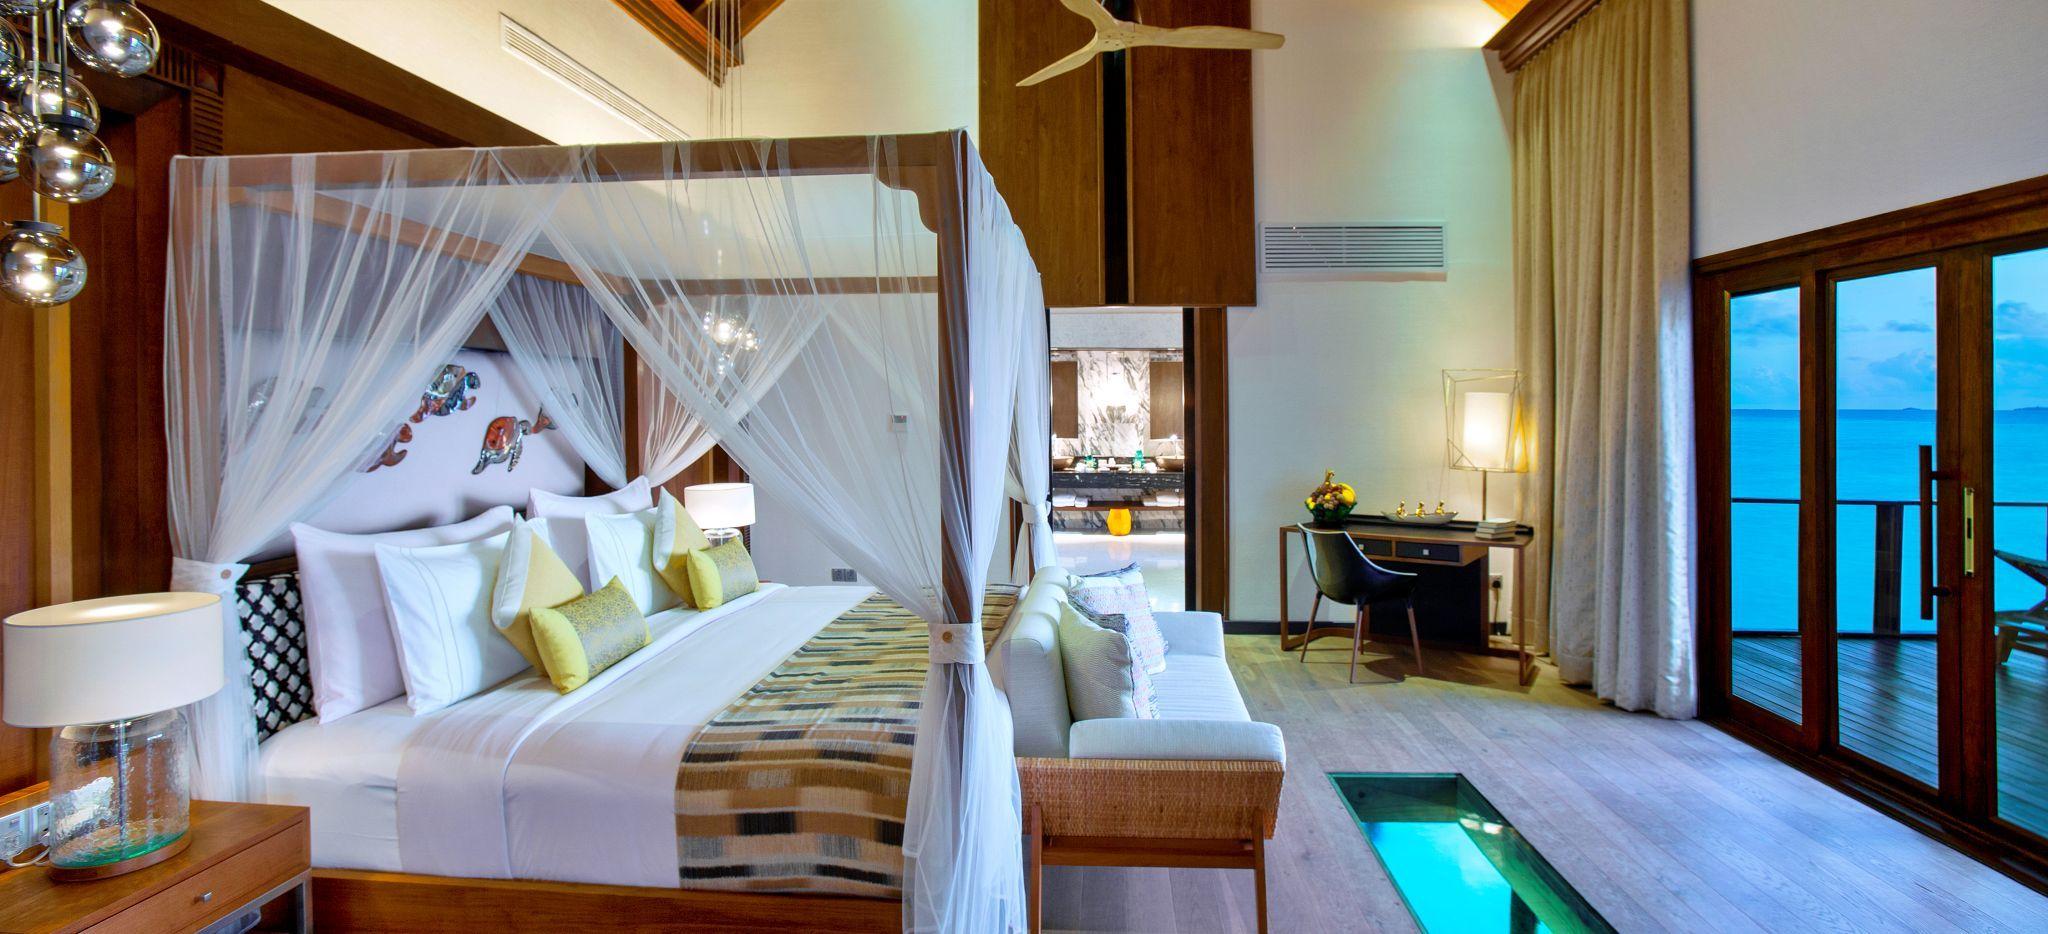 Ein geräumiges Schlafzimmer mit Himmelbett in einer Wasservilla des Hotels OZEN auf den Malediven